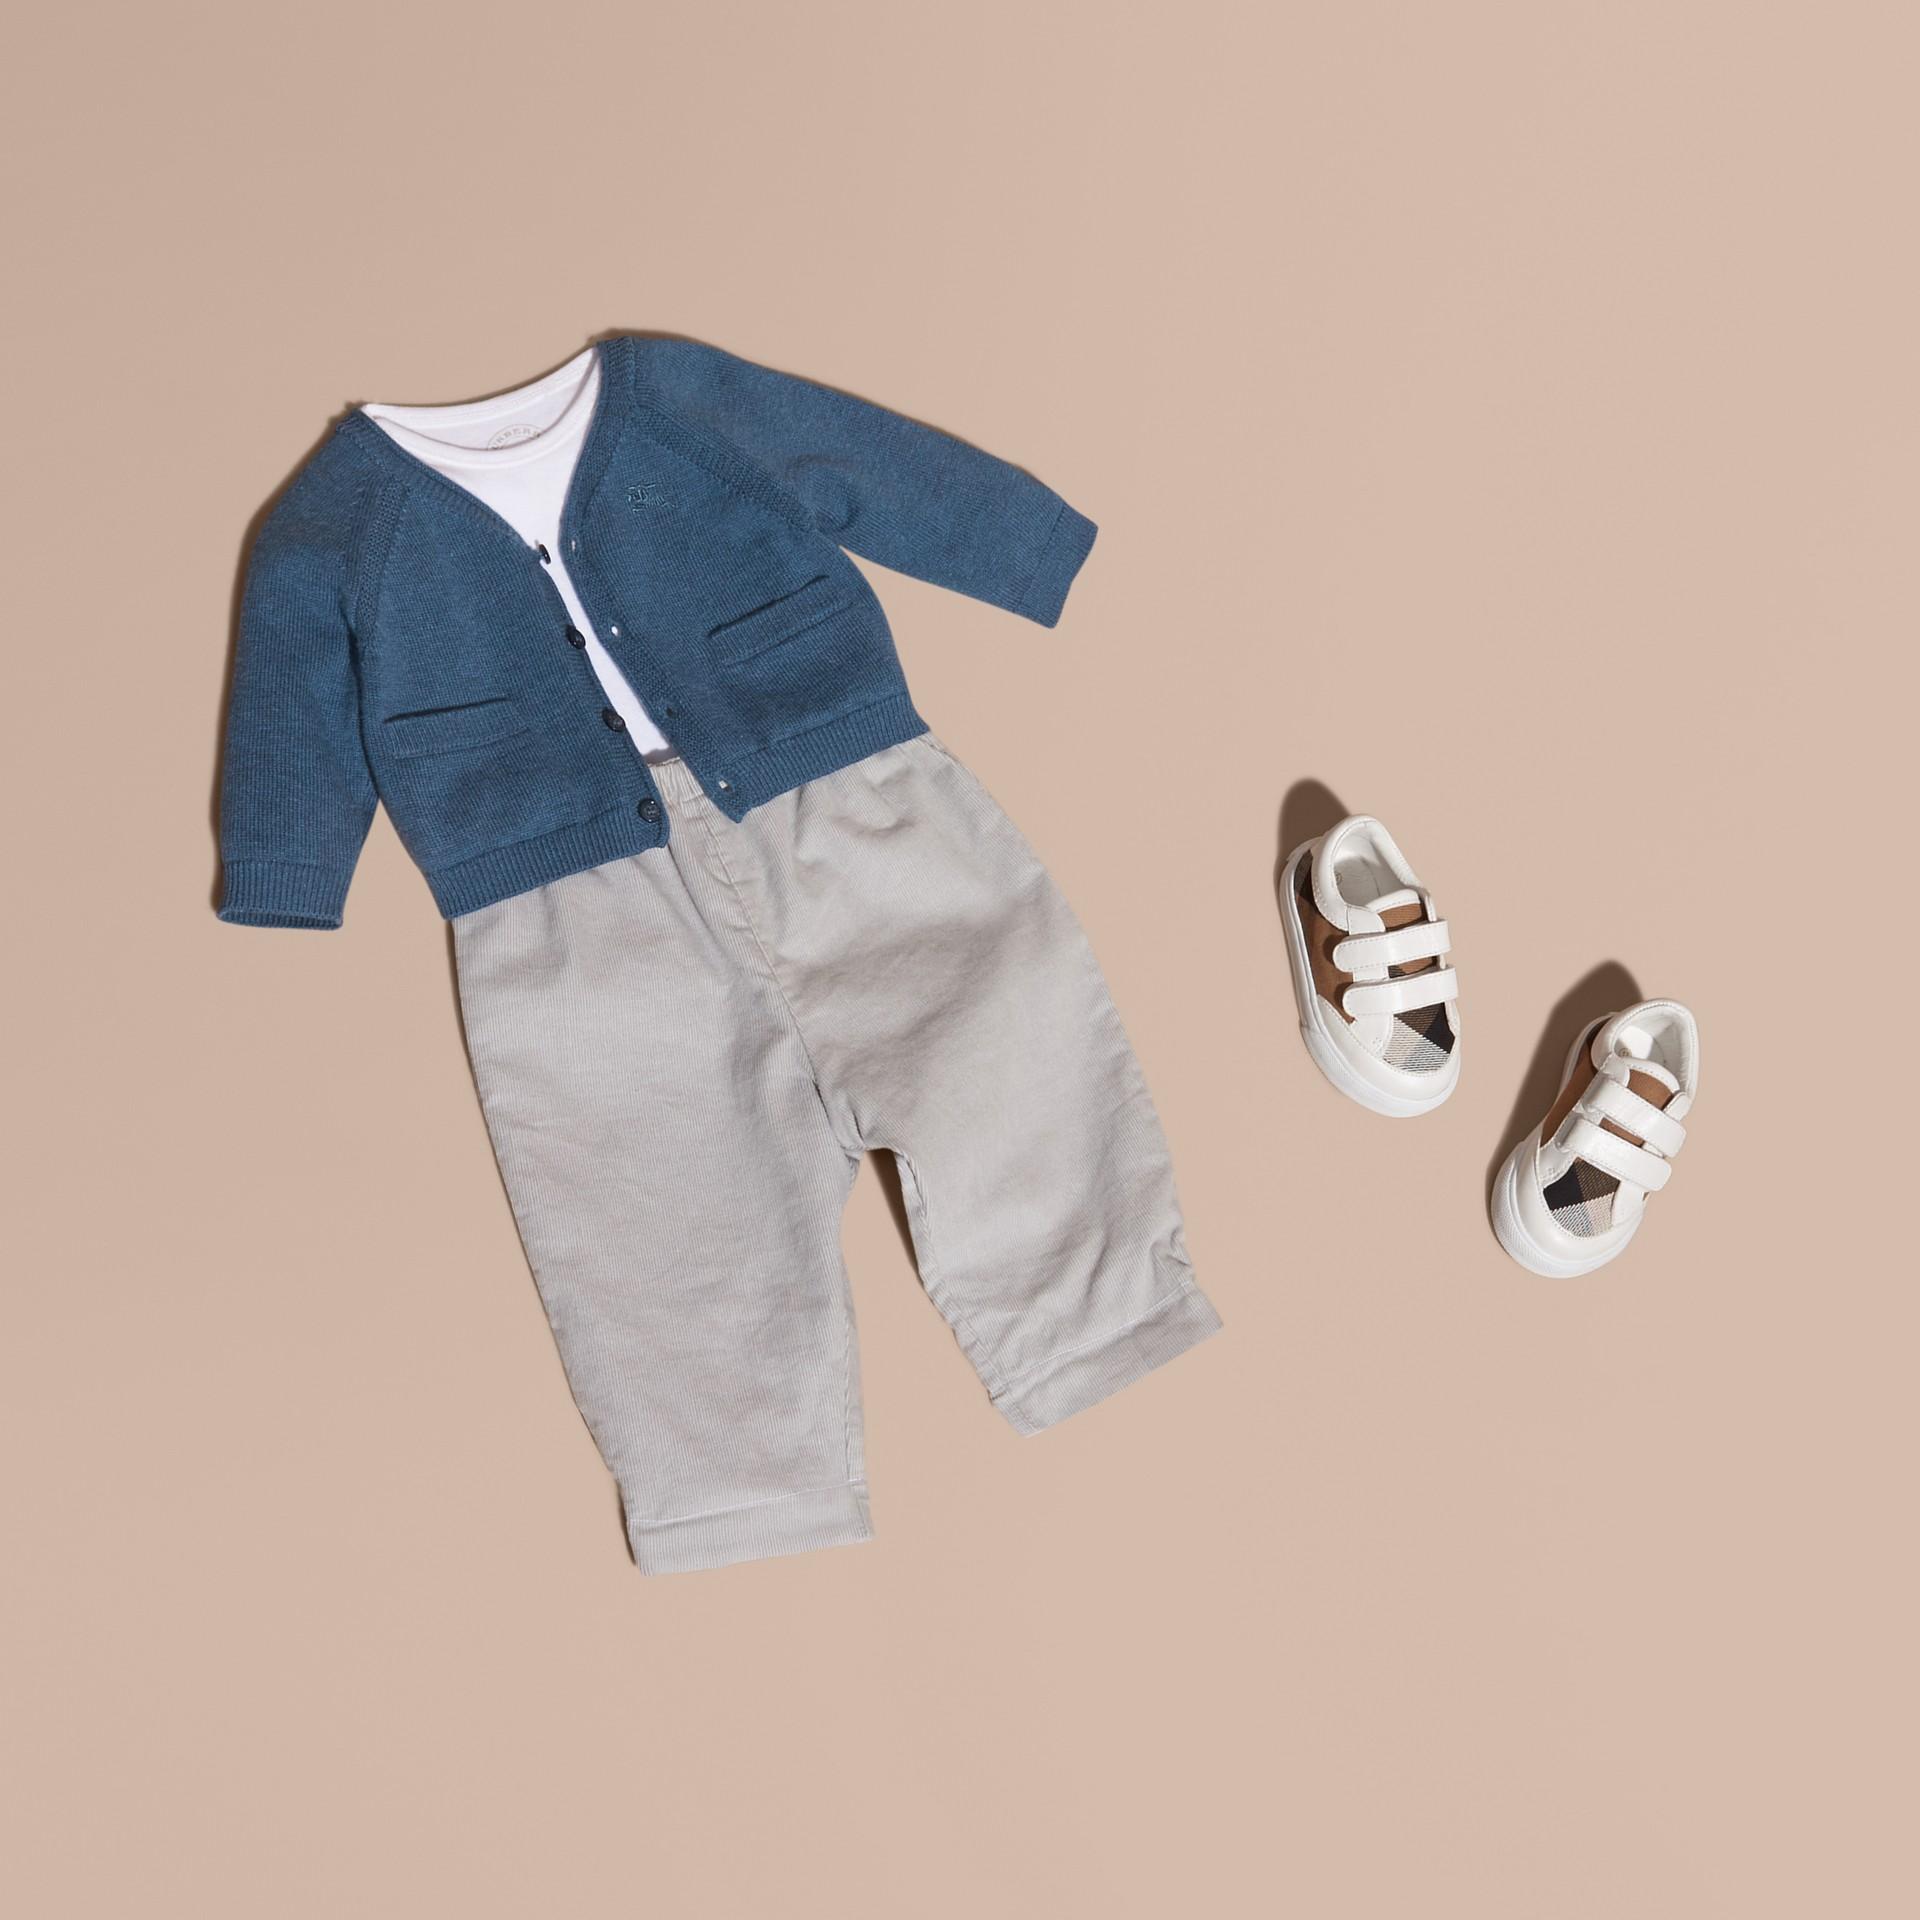 Blu acciaio intenso Cardigan in cashmere e cotone con scollo a V Blu Acciaio Intenso - immagine della galleria 1